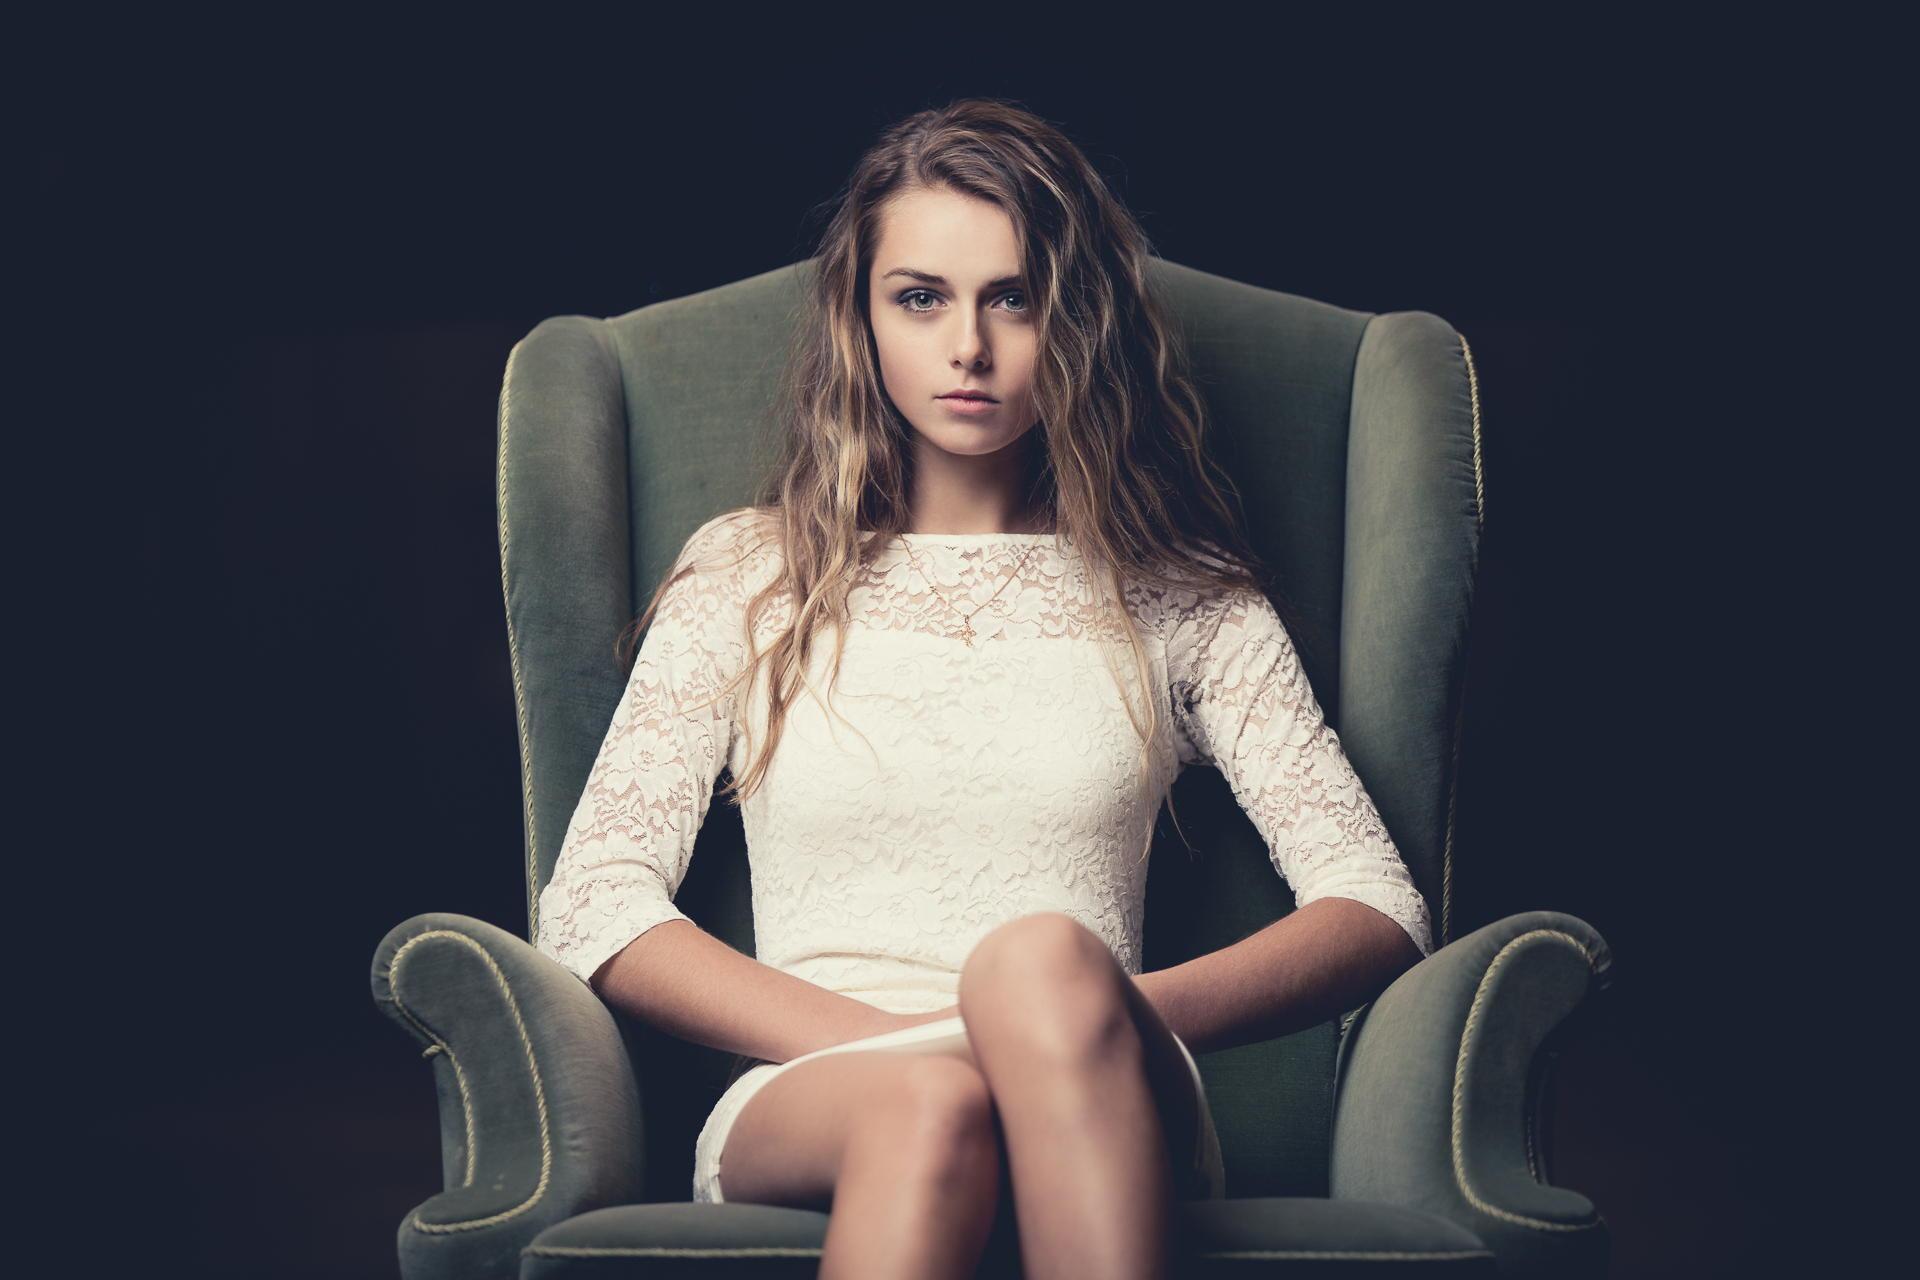 Фотосессия на кресле 25 фотография